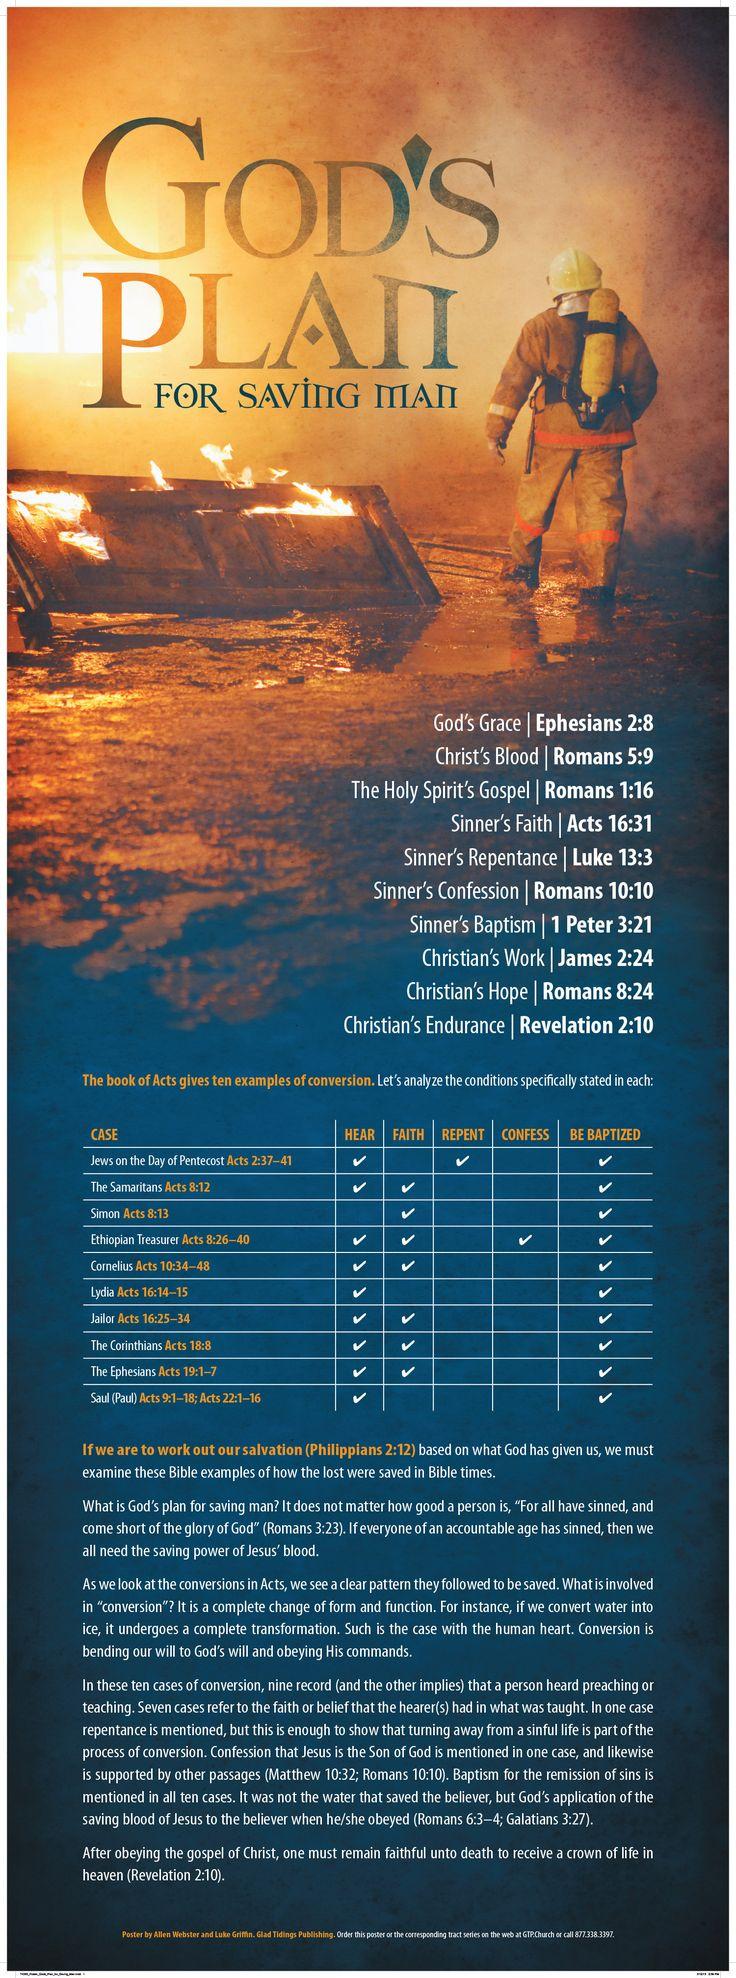 God's Plan for Saving Man http://gladtidingspublishing.com/store/images/P/74363_Poster.jpg